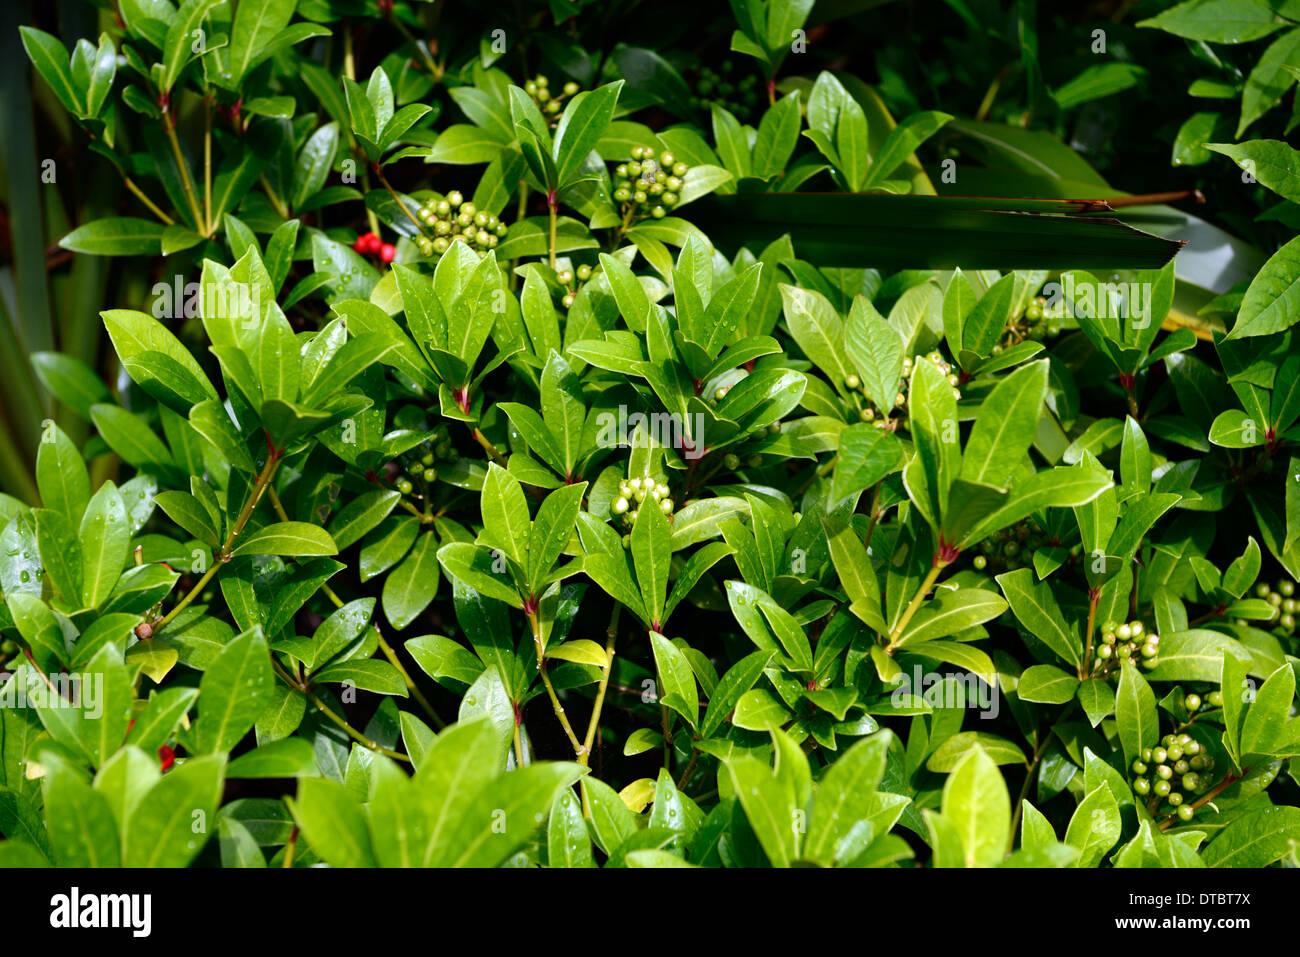 Skimmia Japonica Nymans grüne Blätter Laub immergrüne Sträucher